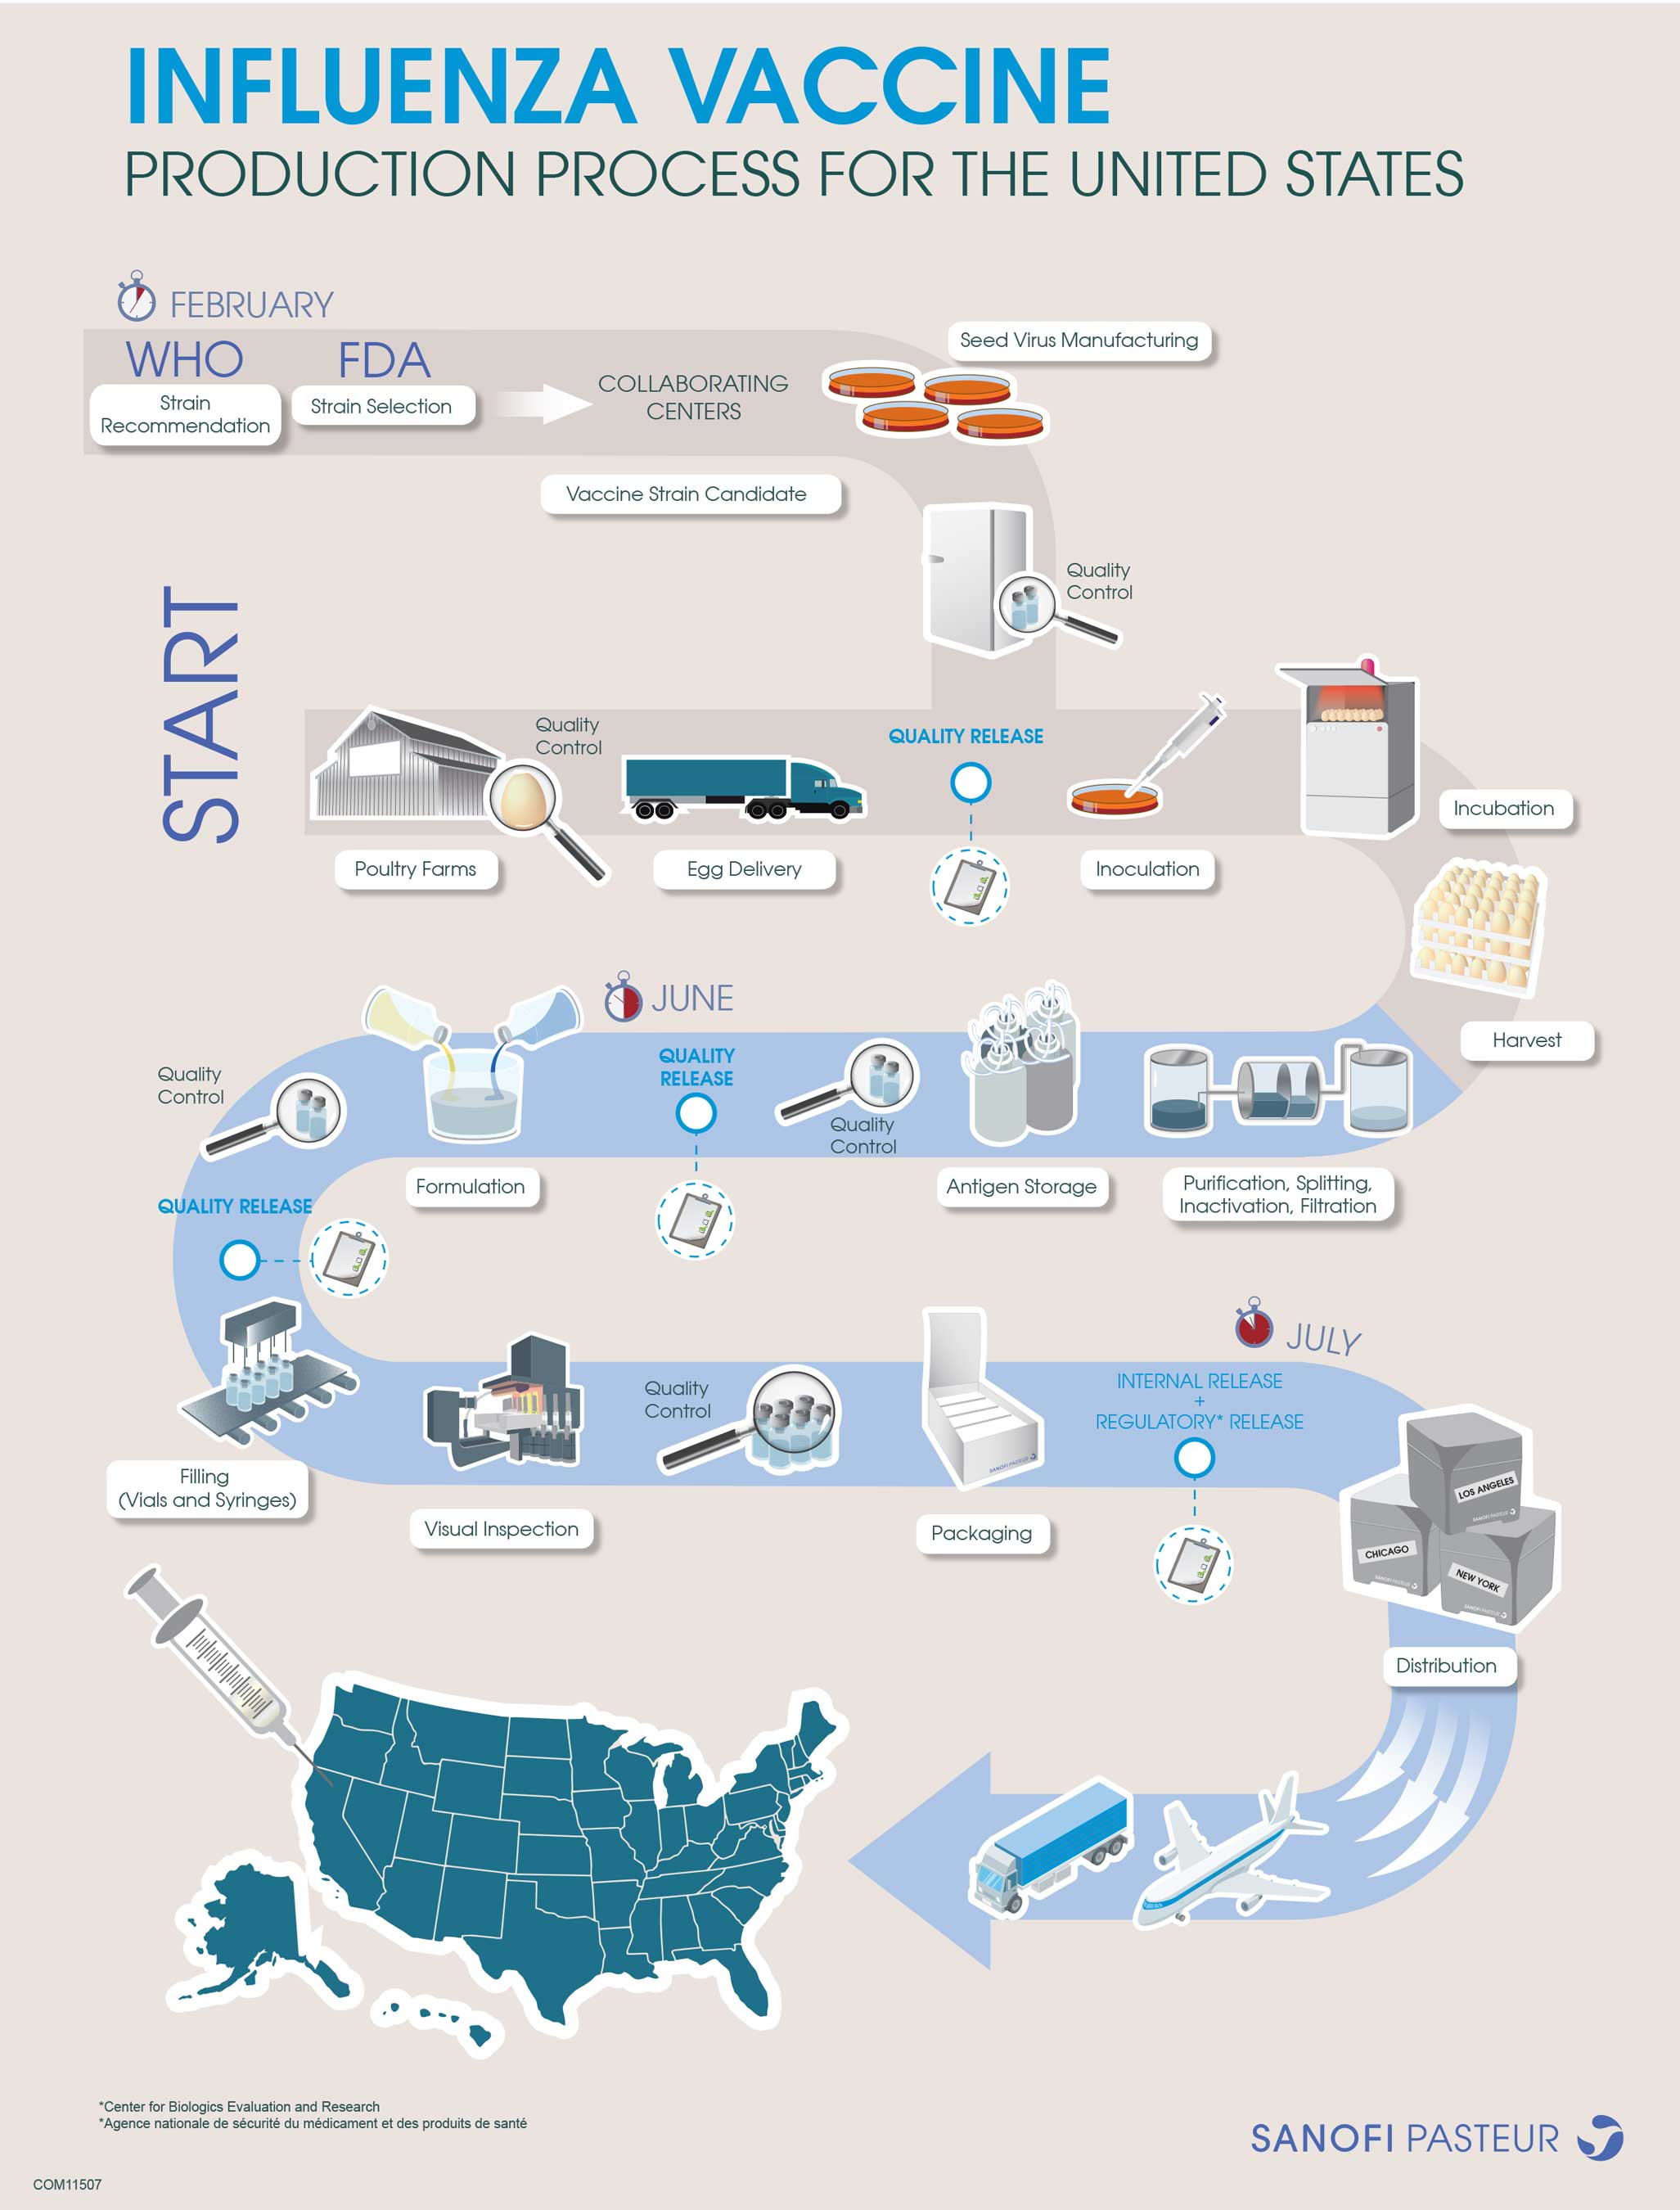 Sanofi Pasteur's US influenza vaccine production process